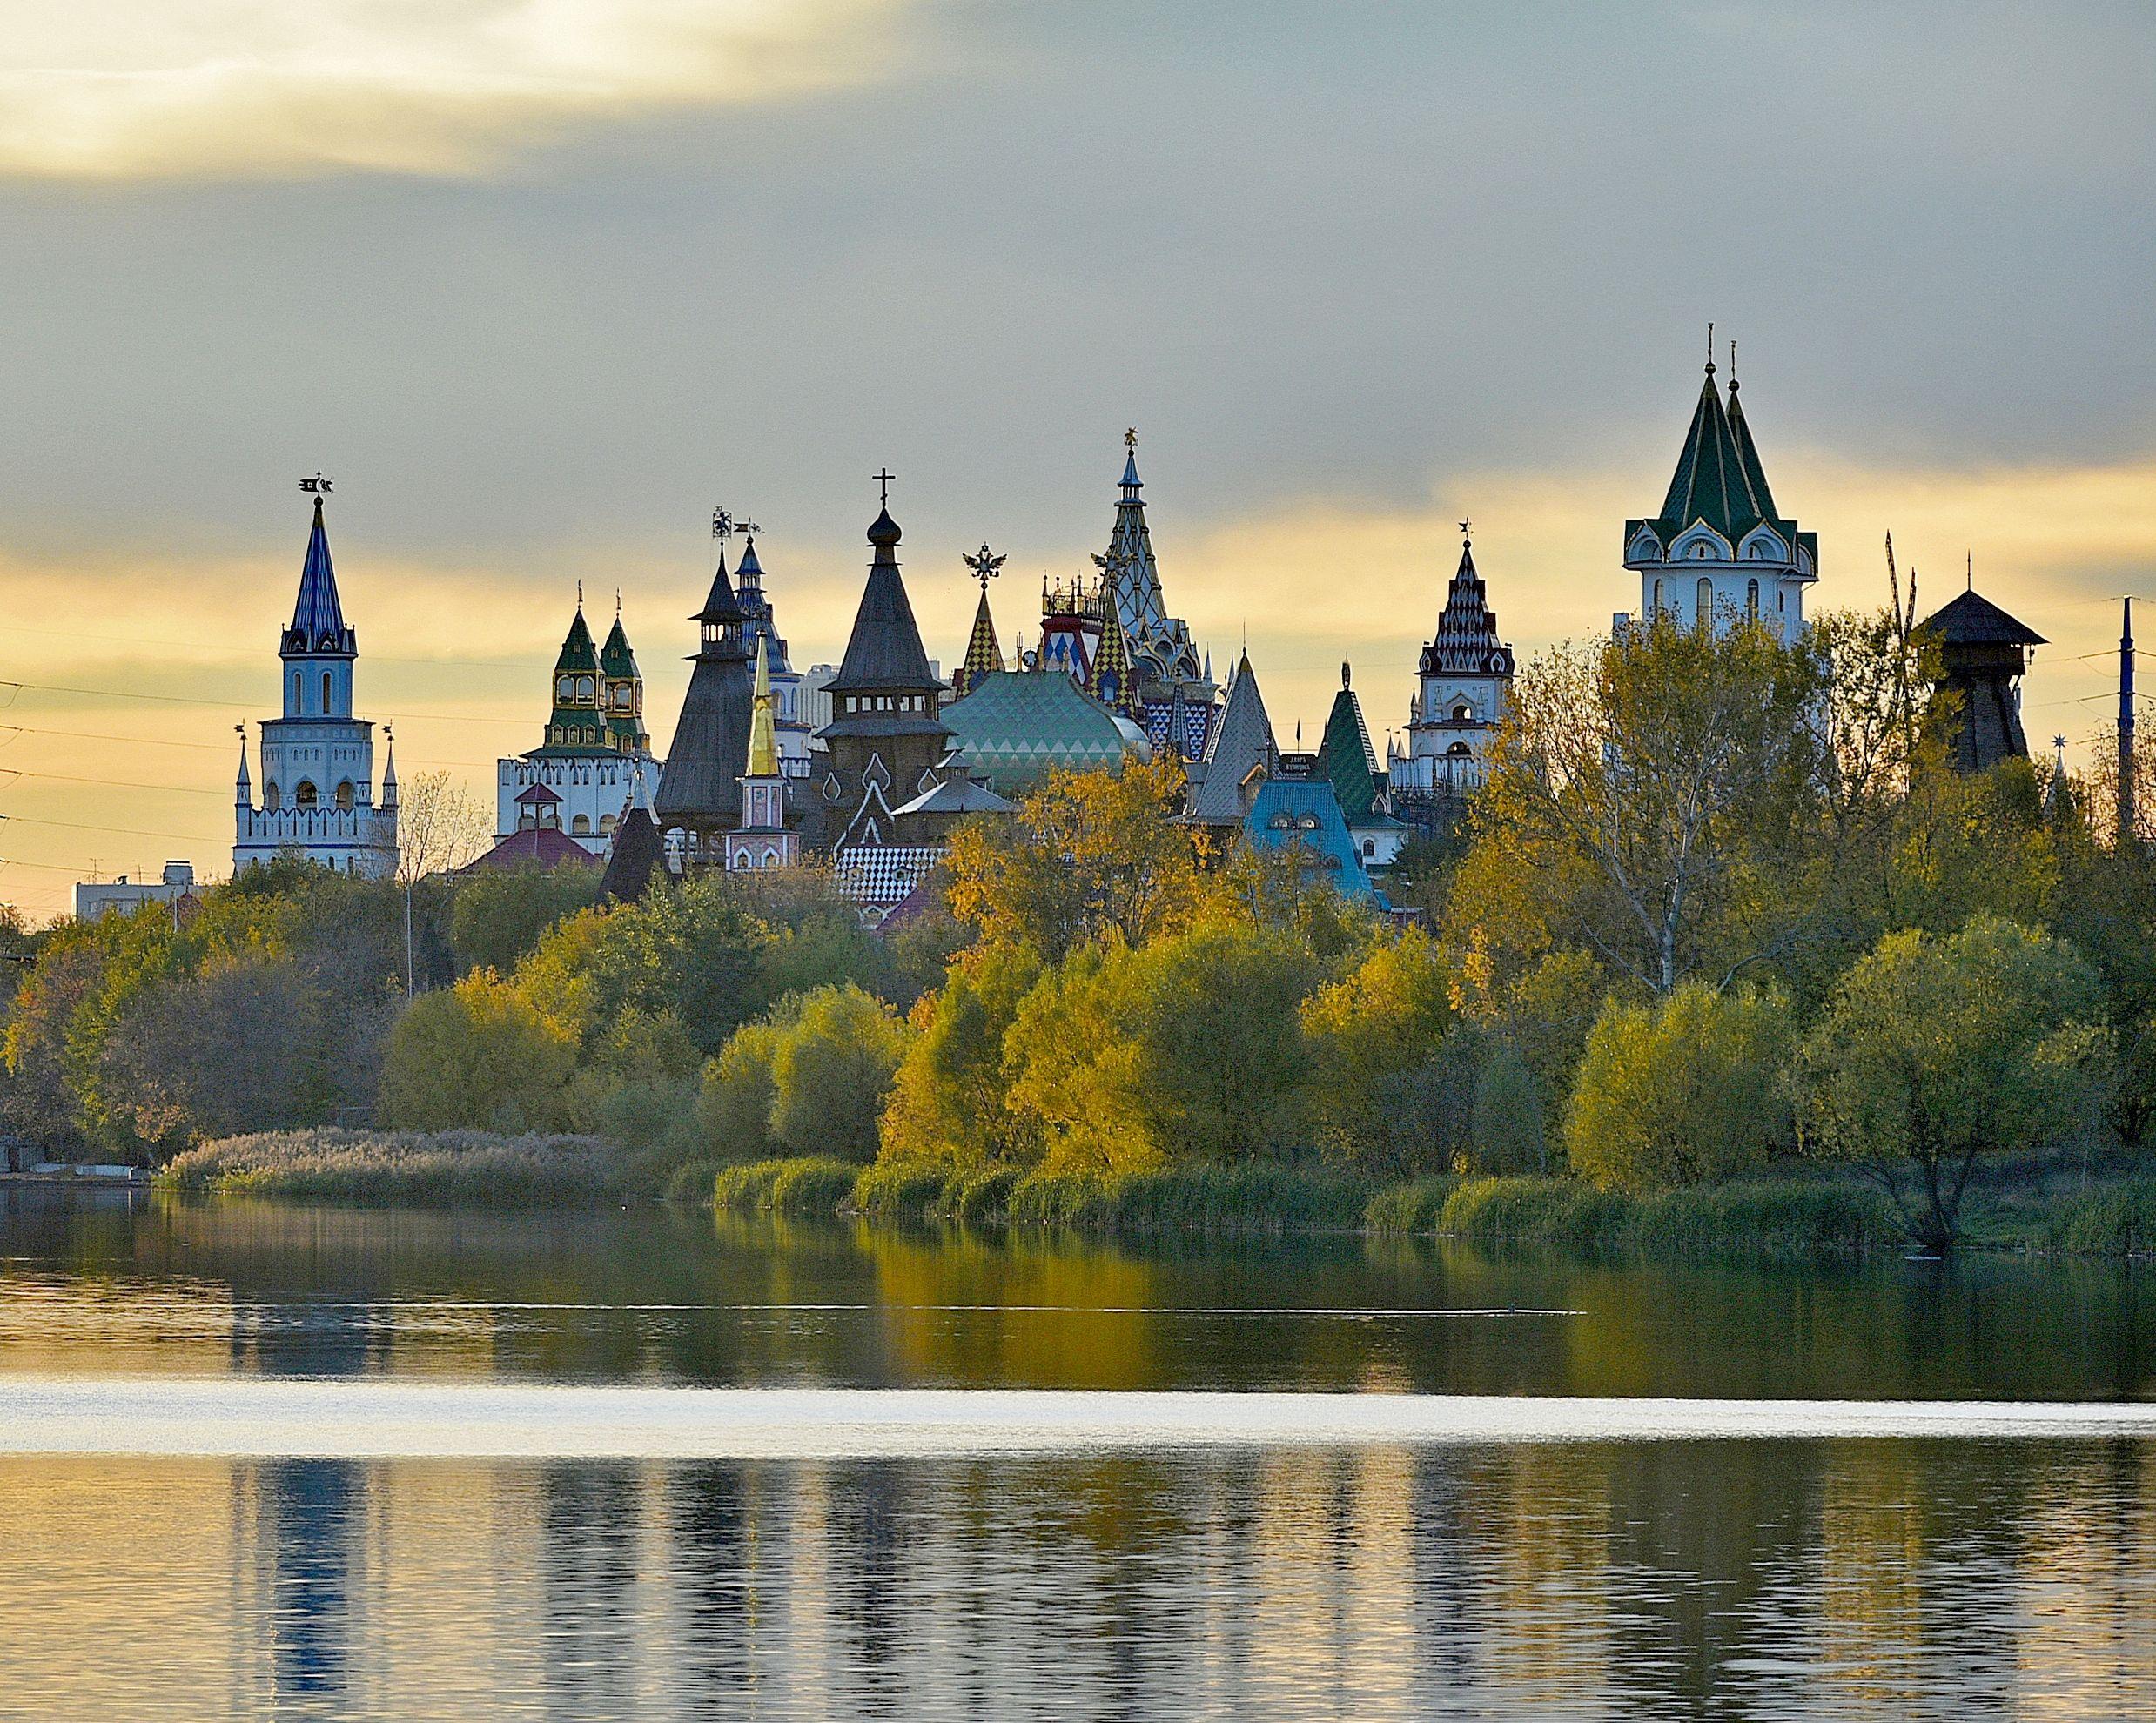 Четверг с 19 градусами станет самым теплым днем недели в Москве